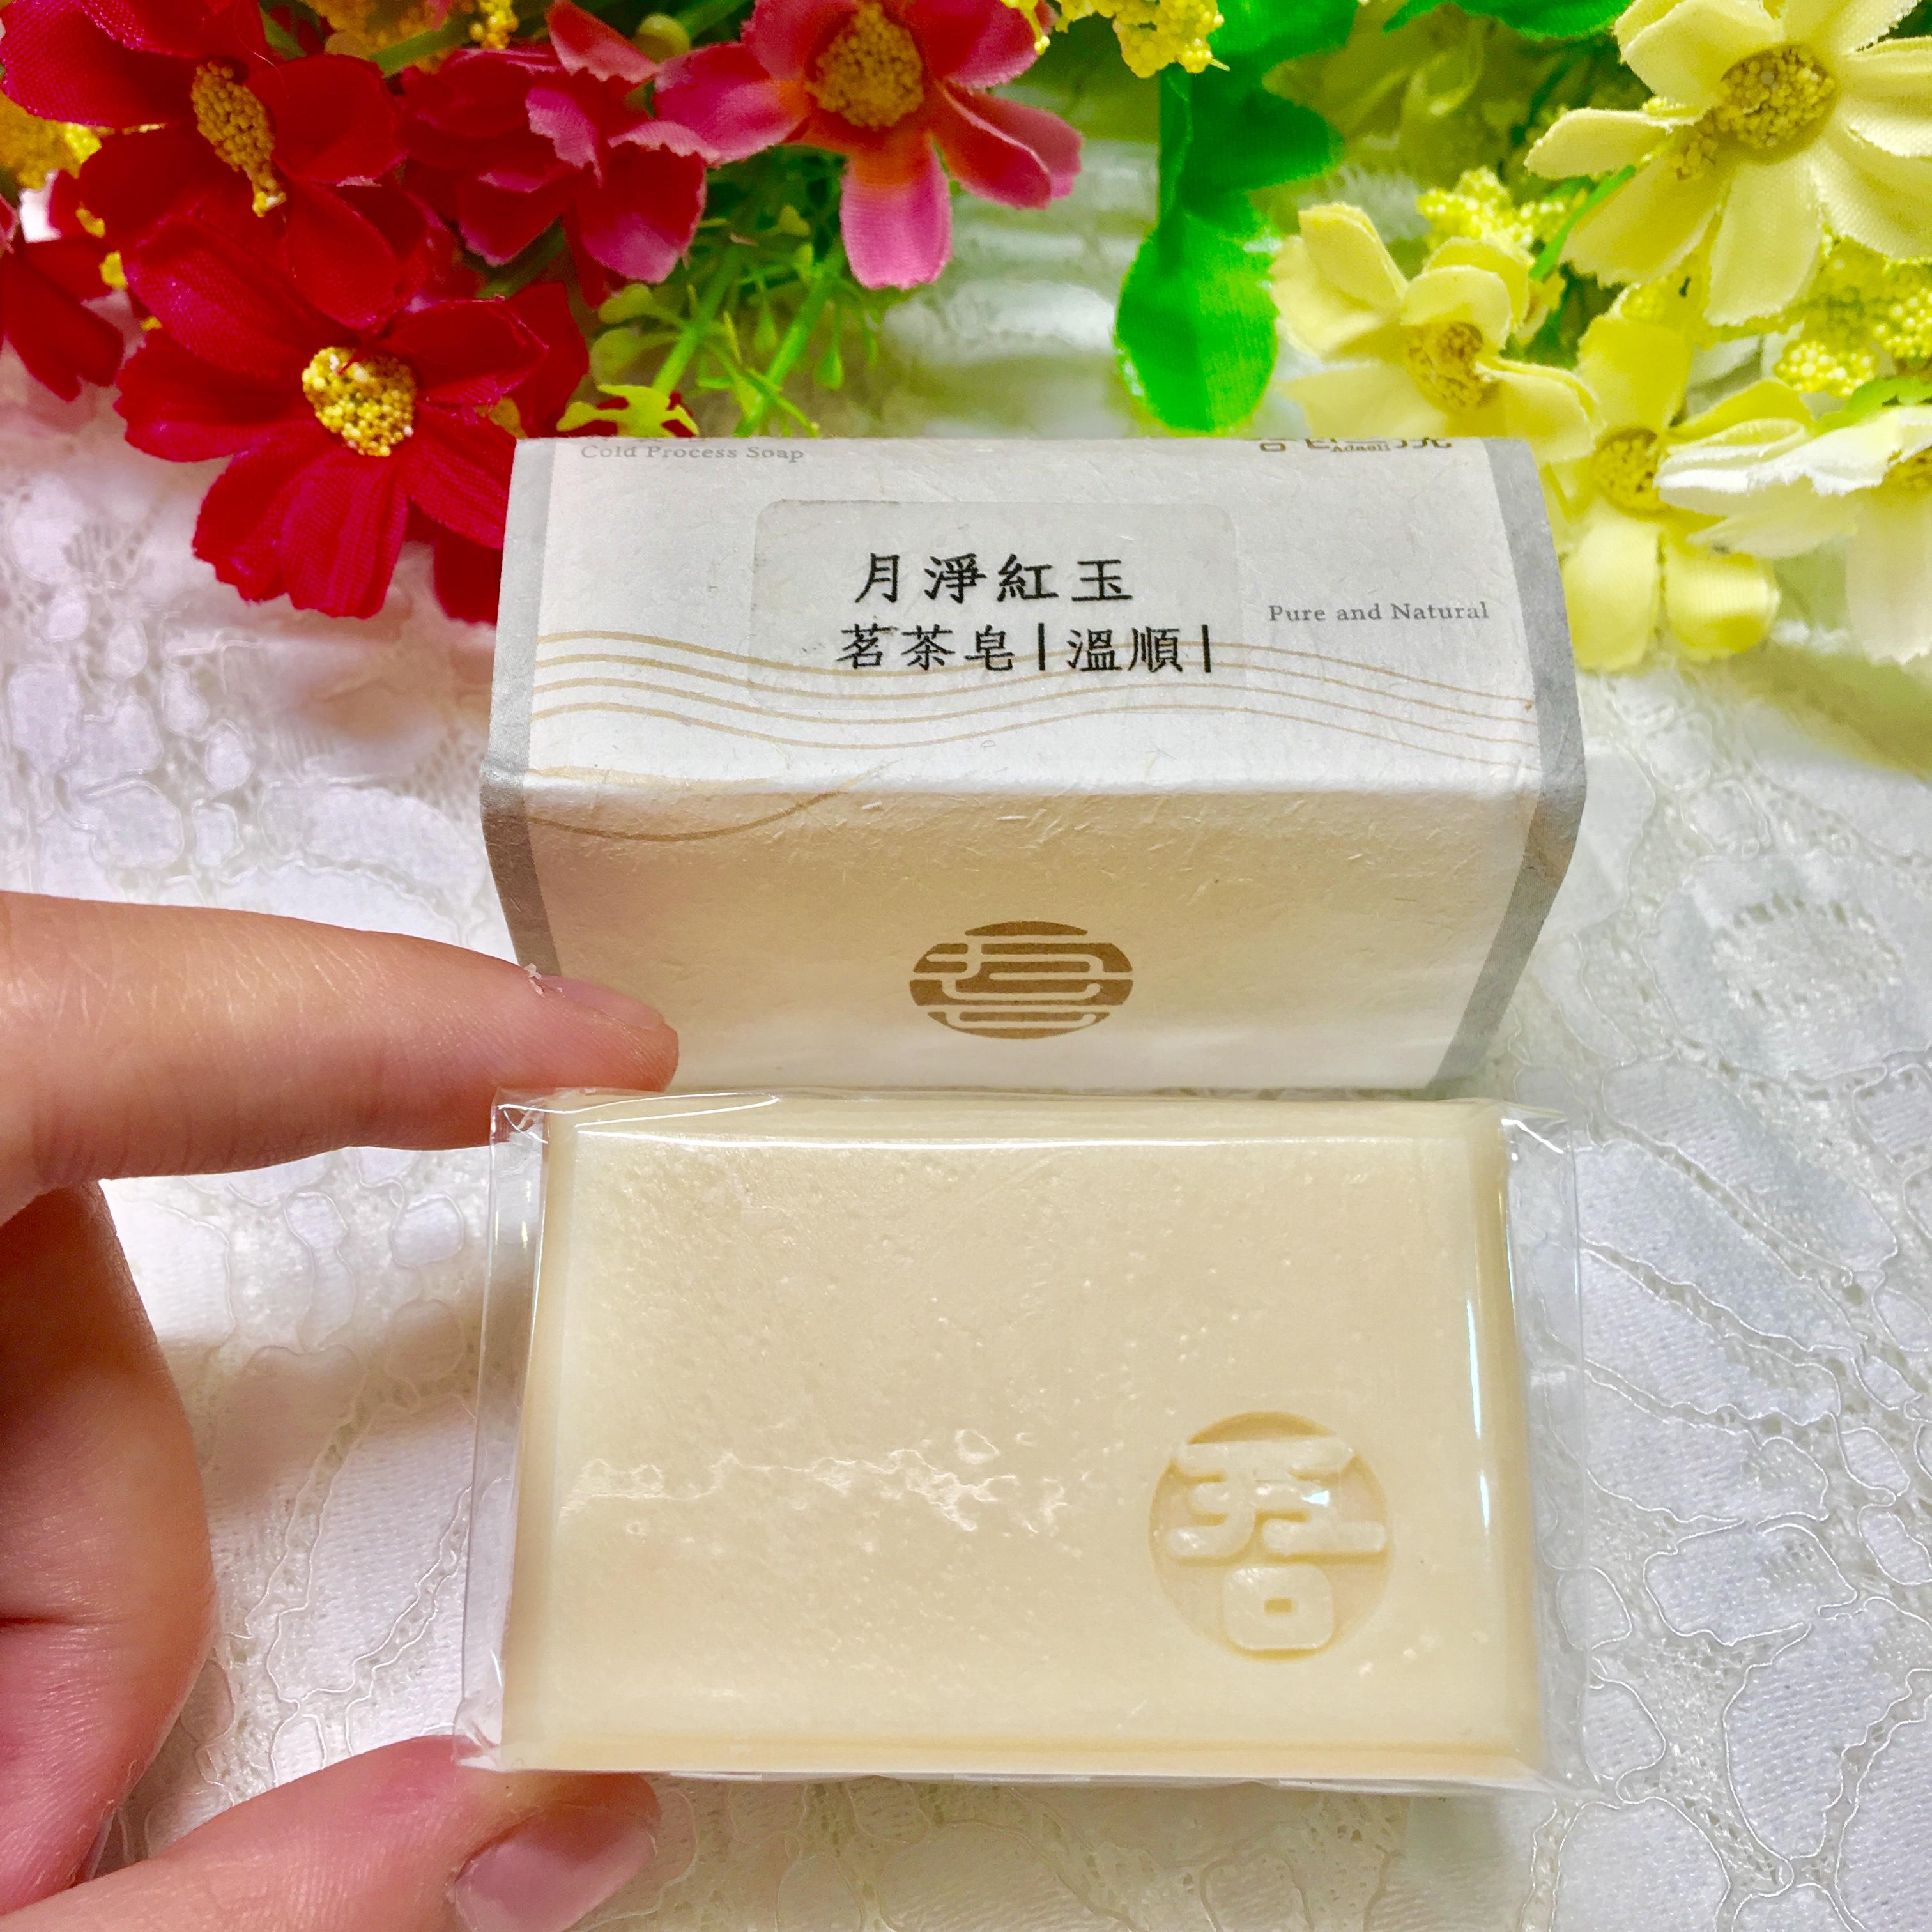 吾日三洗手工肥皂